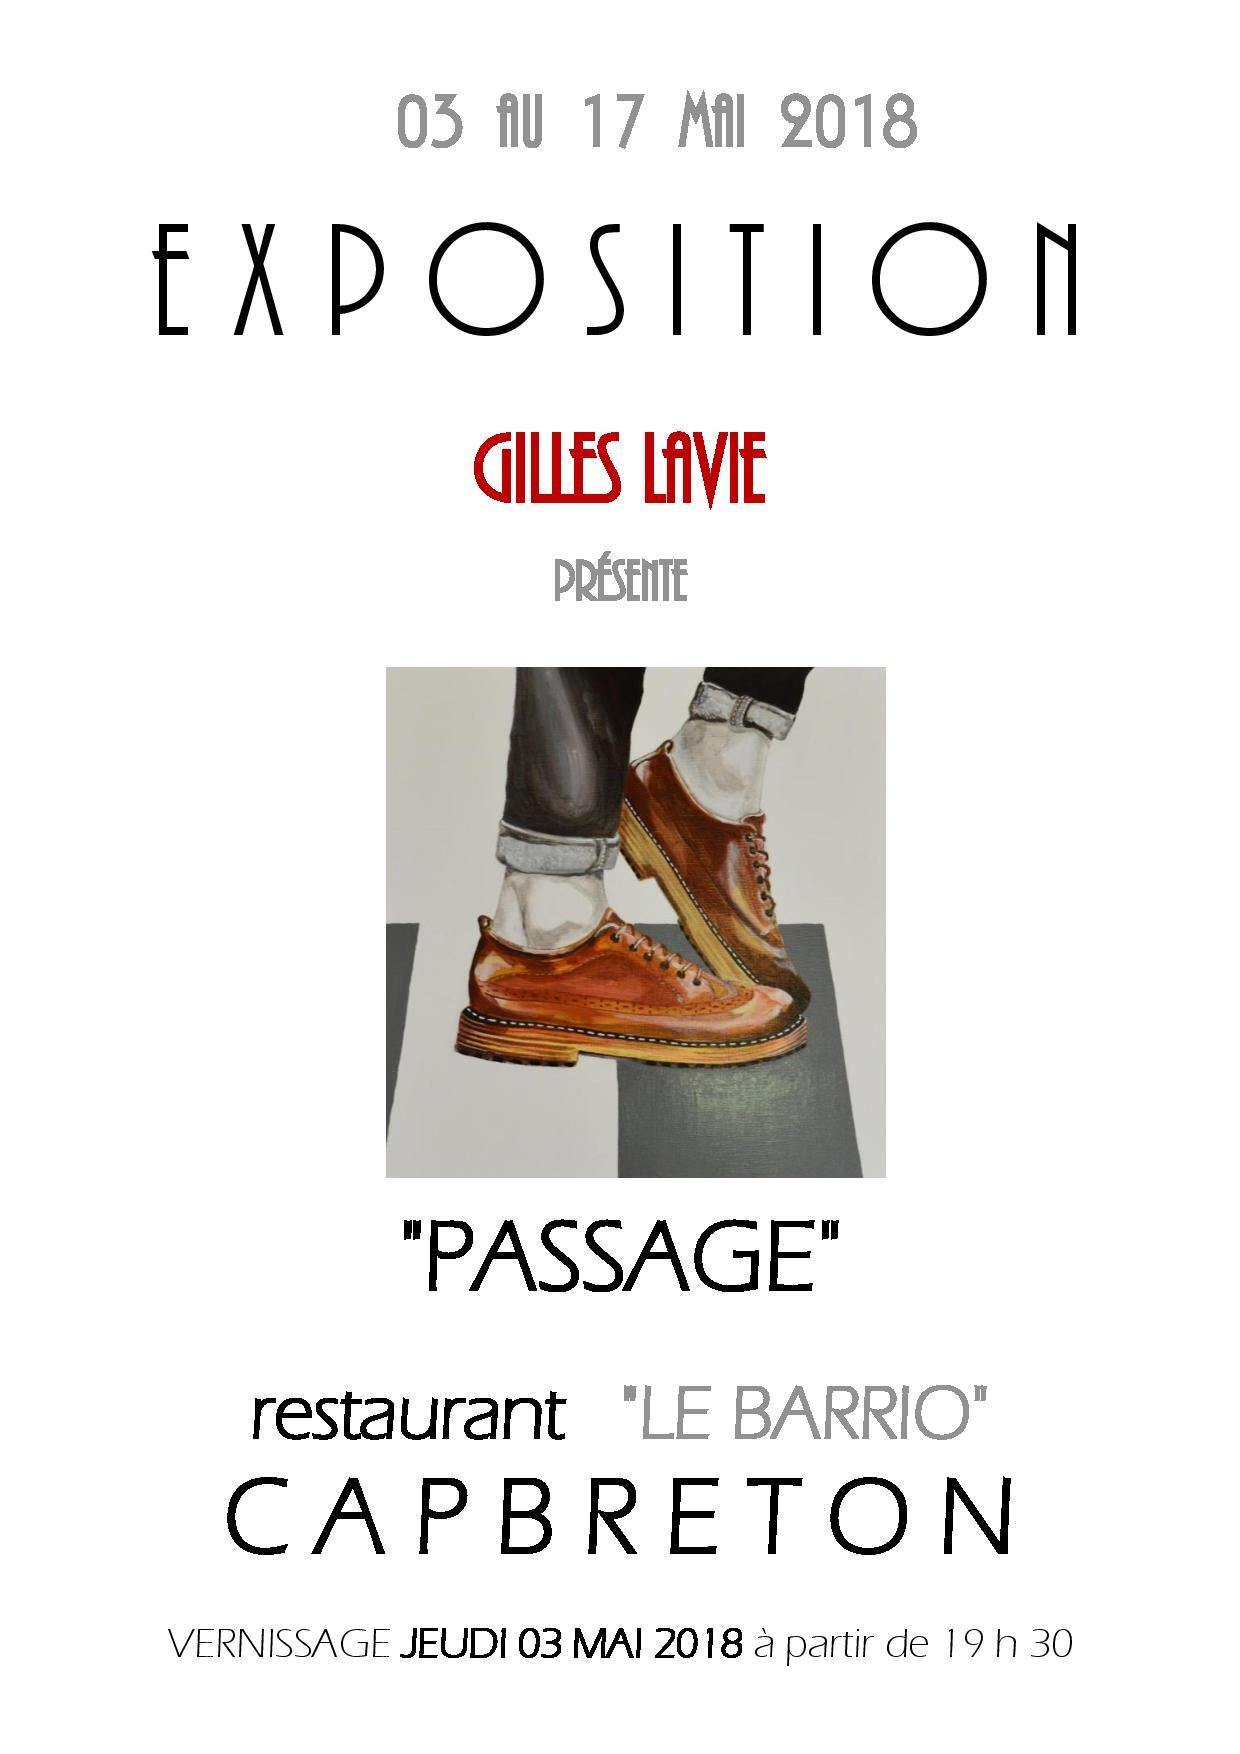 Gilles Lavie artiste peintre - En mai 2018 Exposition dans le restaurant LE BARRIO à Capbreton